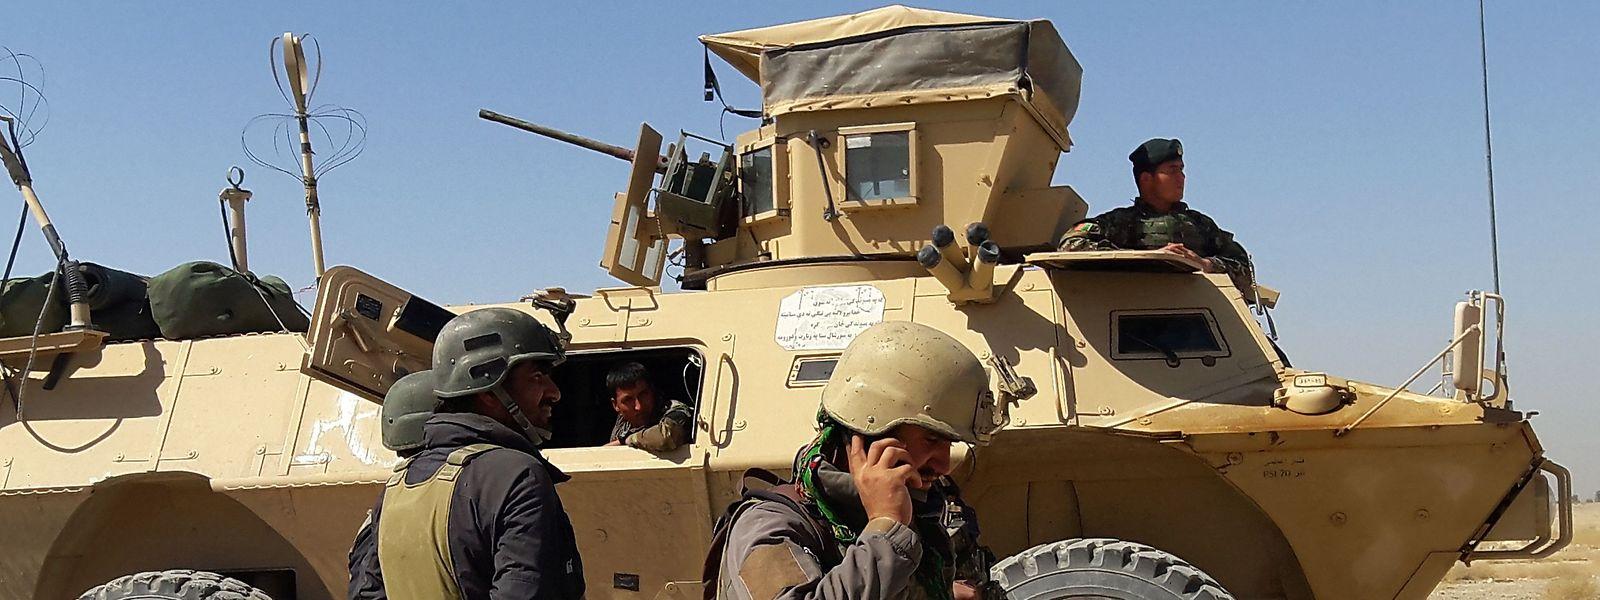 Violência entre as tropas afegãs (na foto) e os grupos talibãs tem escalado nos últimos dias.